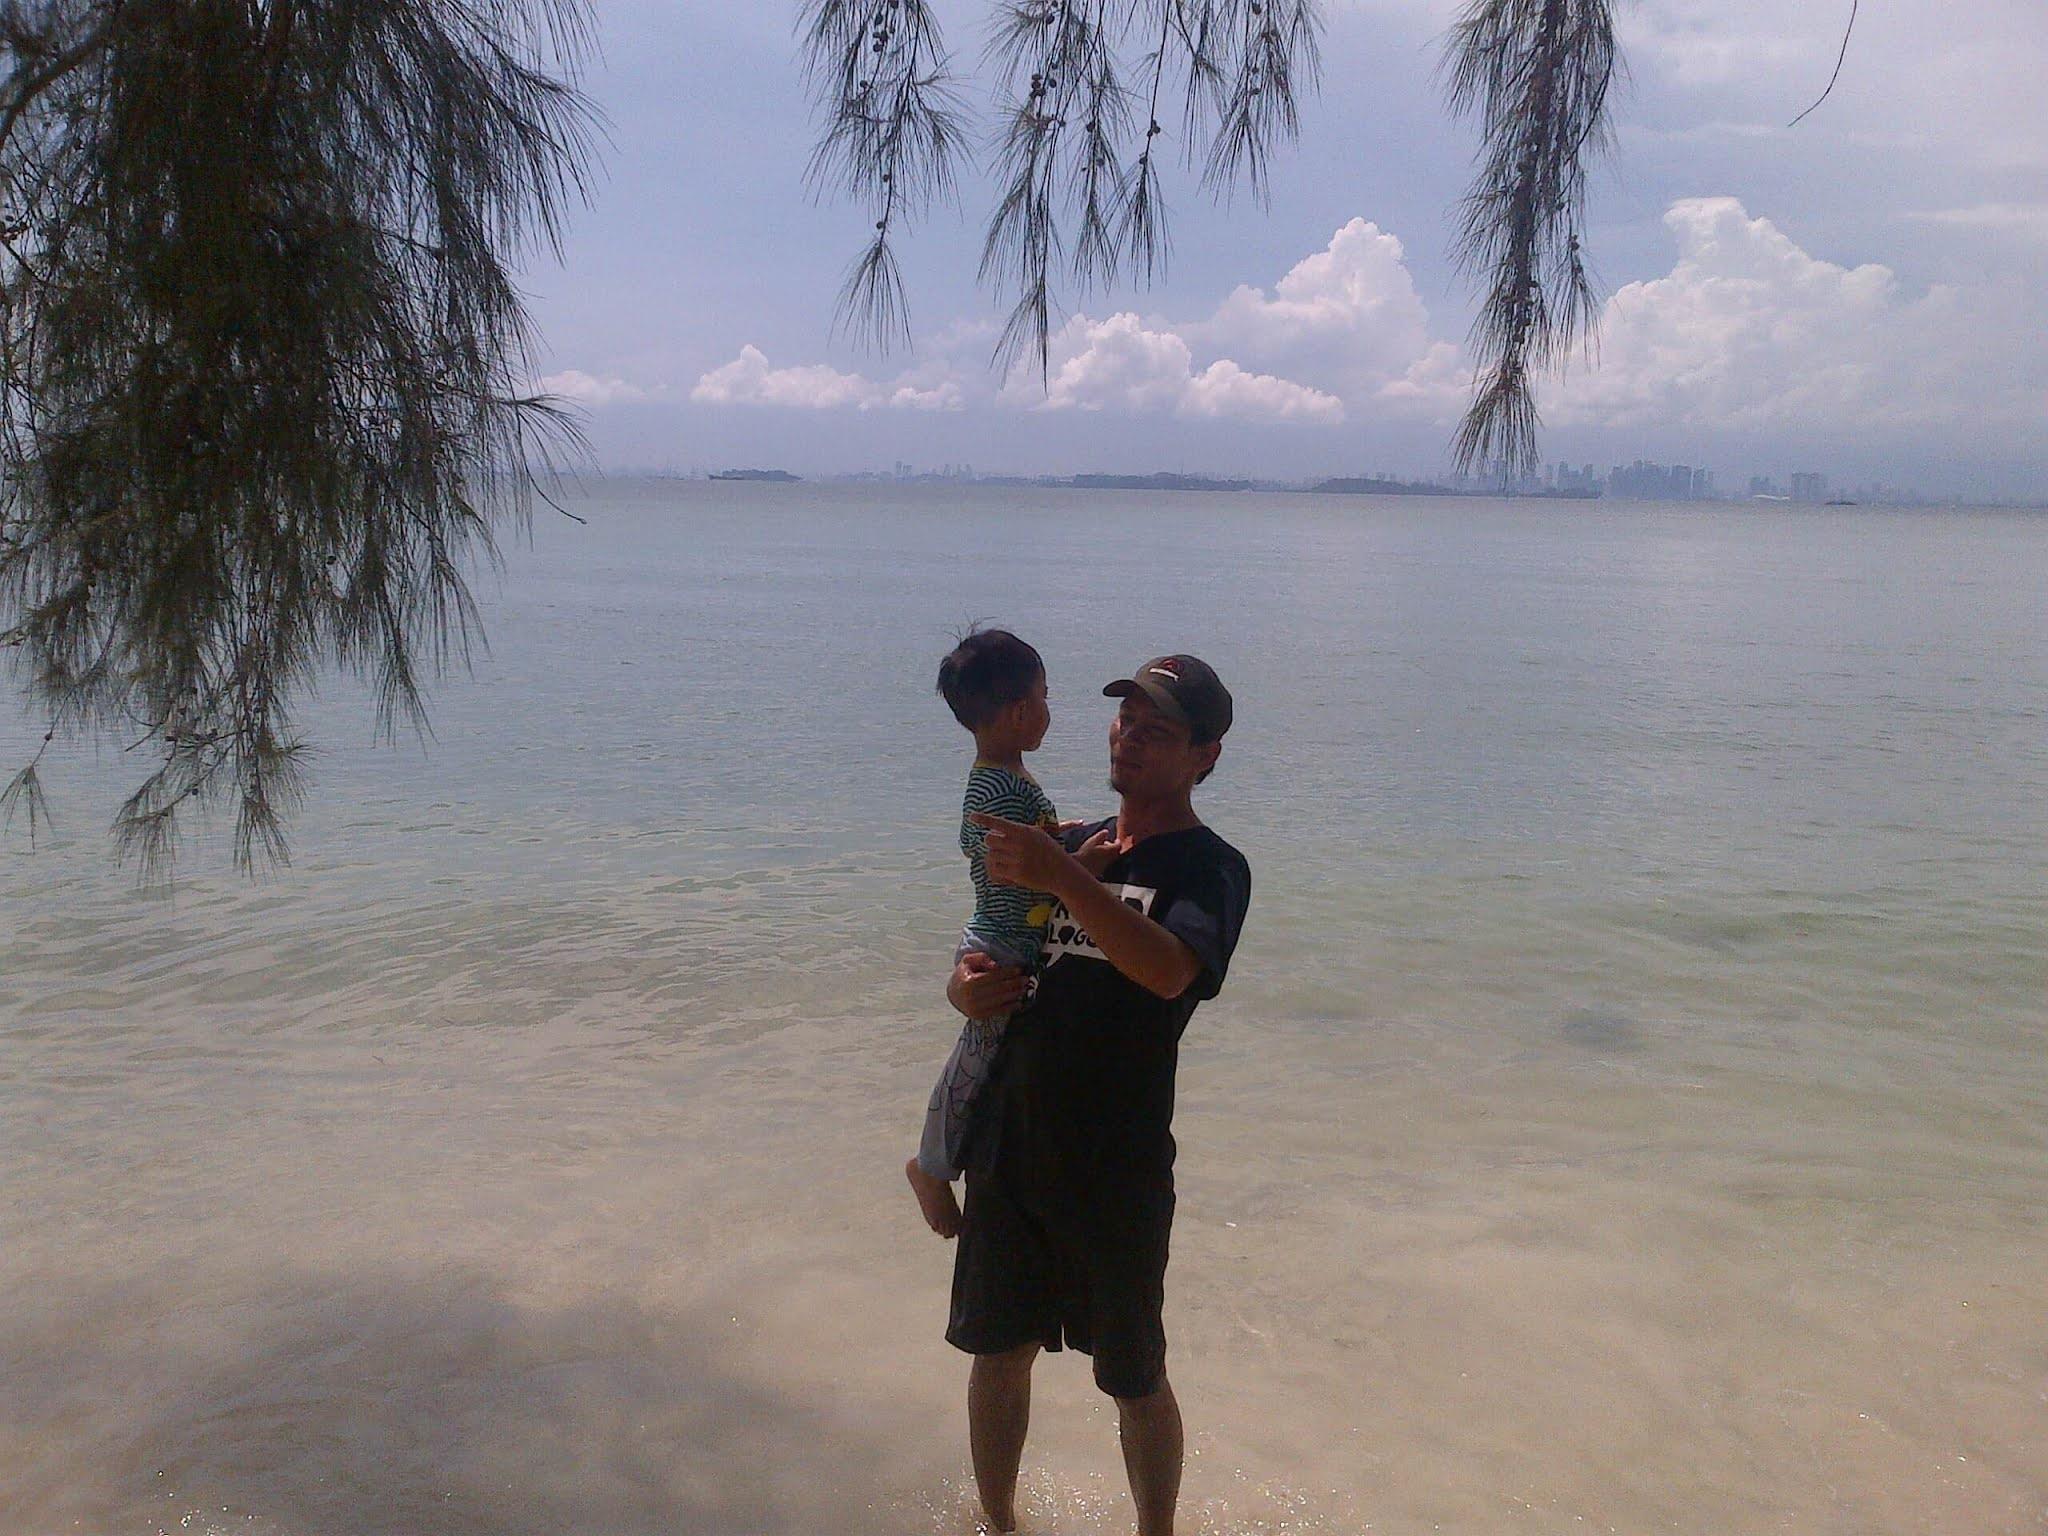 Pantai Indah, Pulau Lengkana Belakang Padang 8